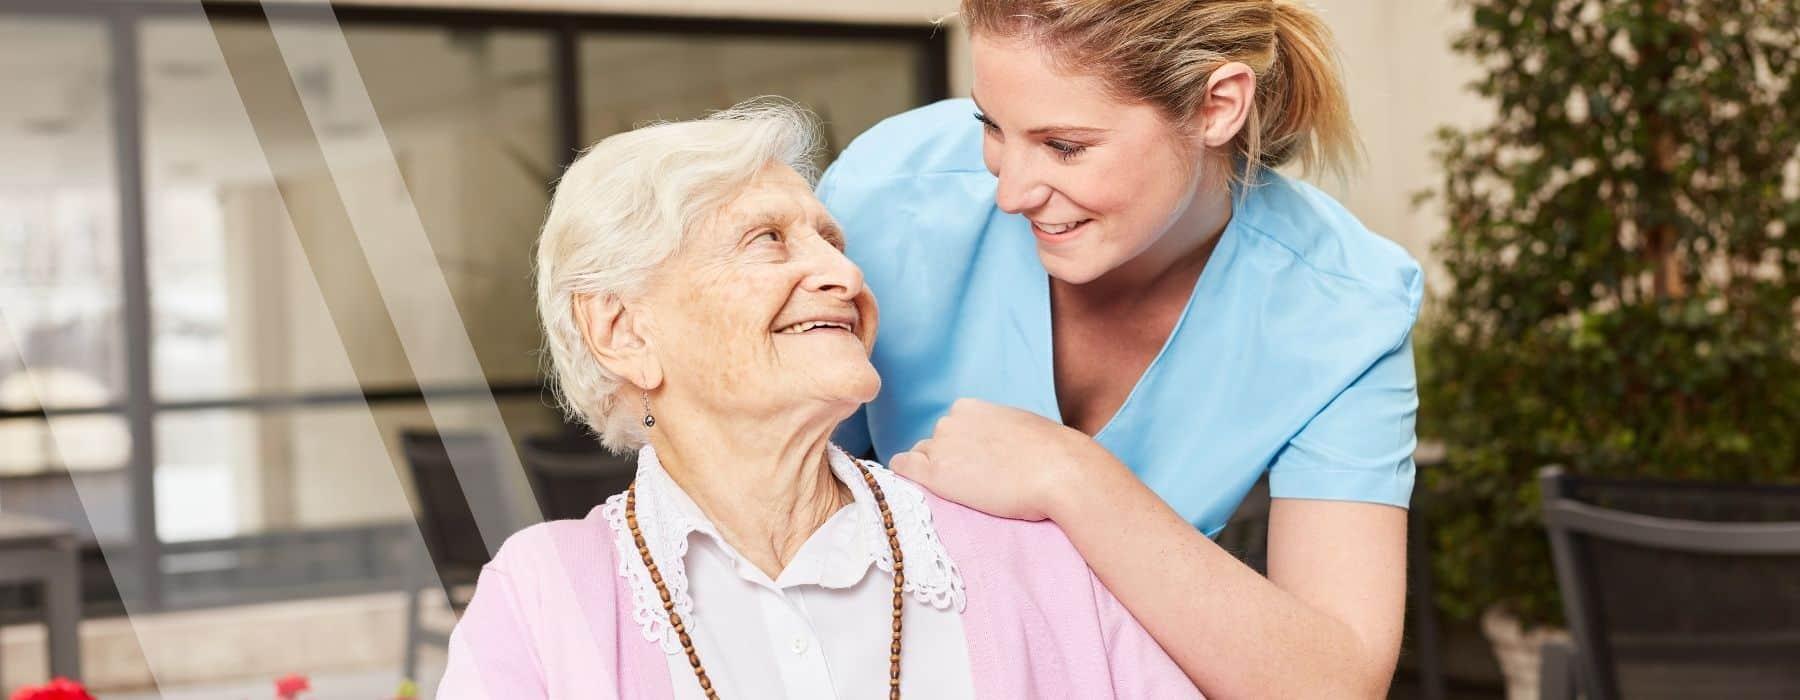 Entsorgung für soziale Betreuer